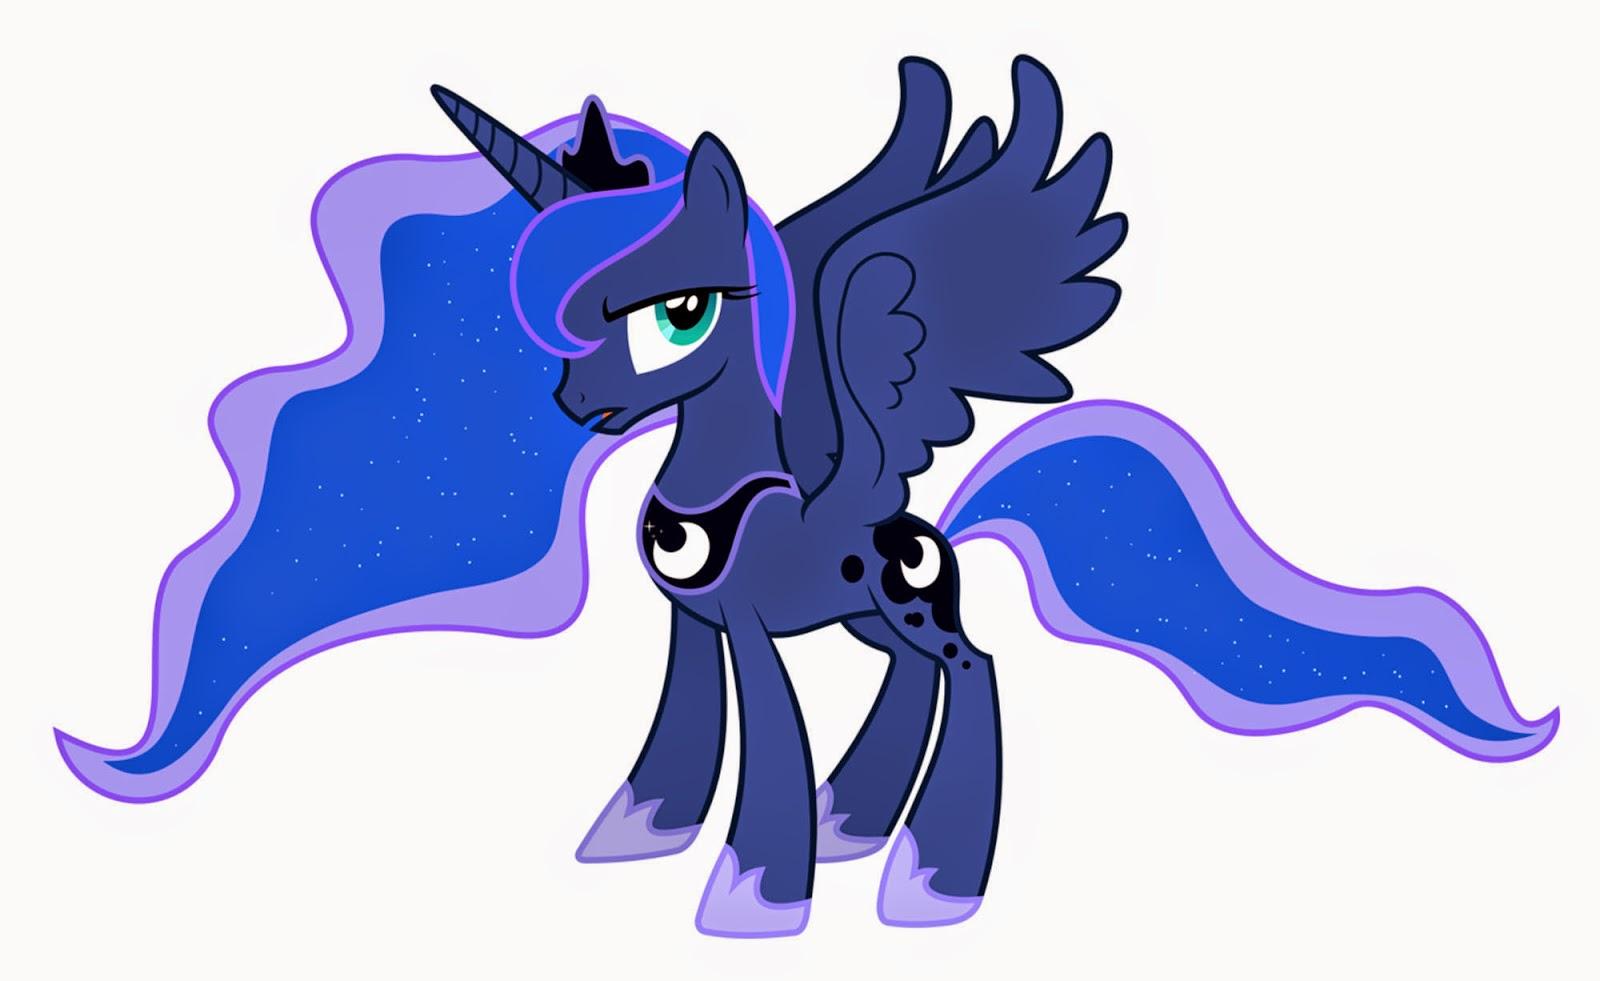 Cómo dibujar a Rainbow Dash de My little pony - Mi Pequeño